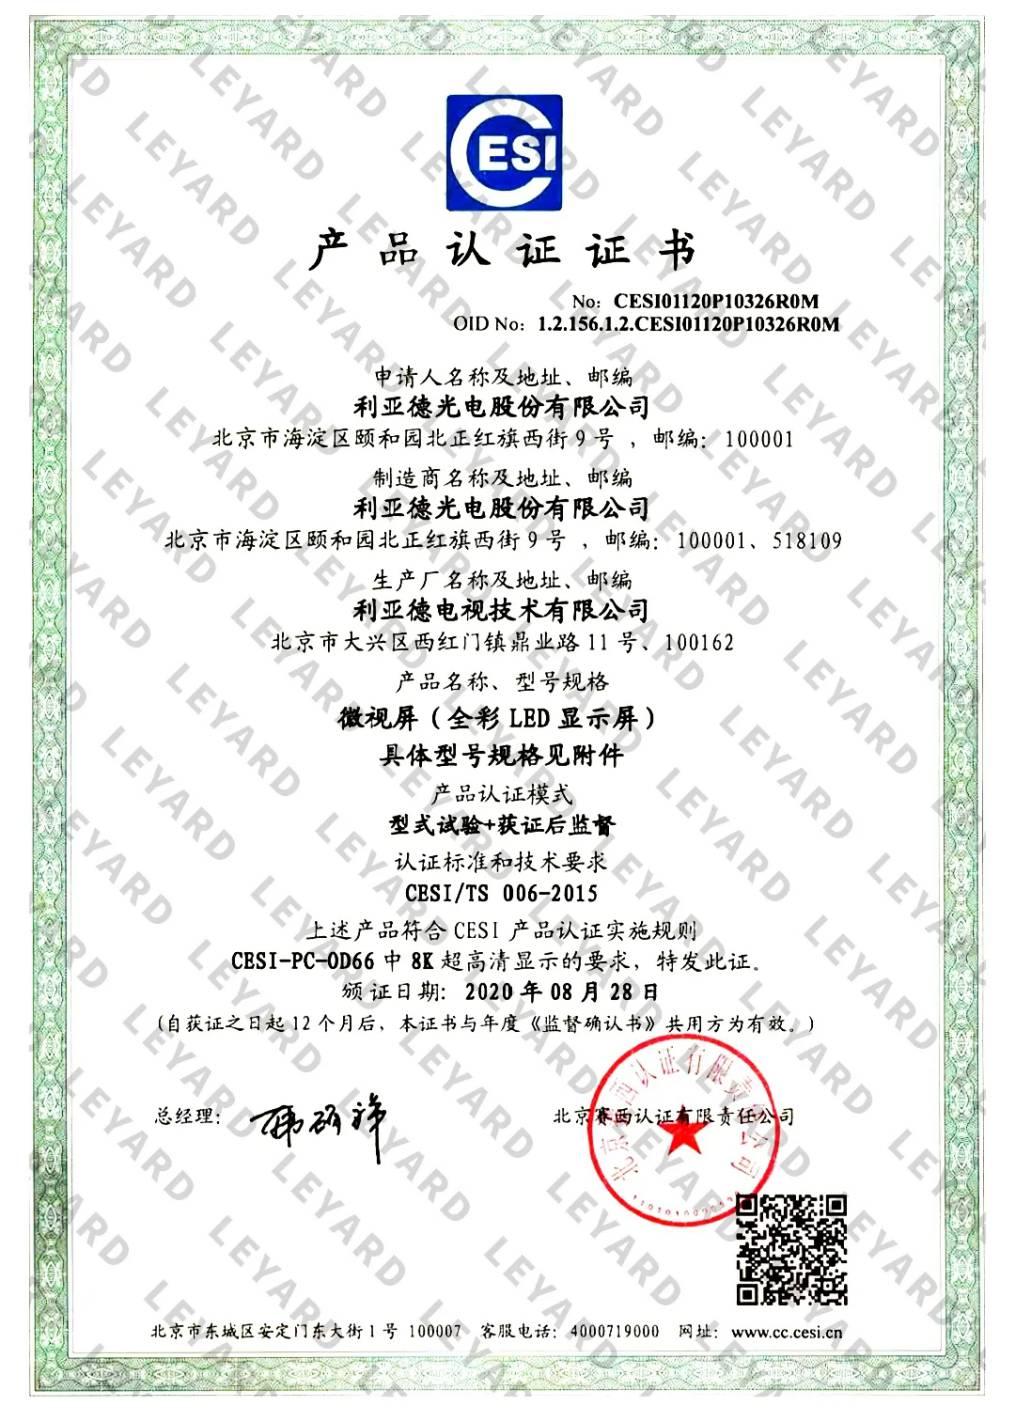 手握首张权威8K身份证,利亚德MicroLED超高清显示屏再获认可  第1张